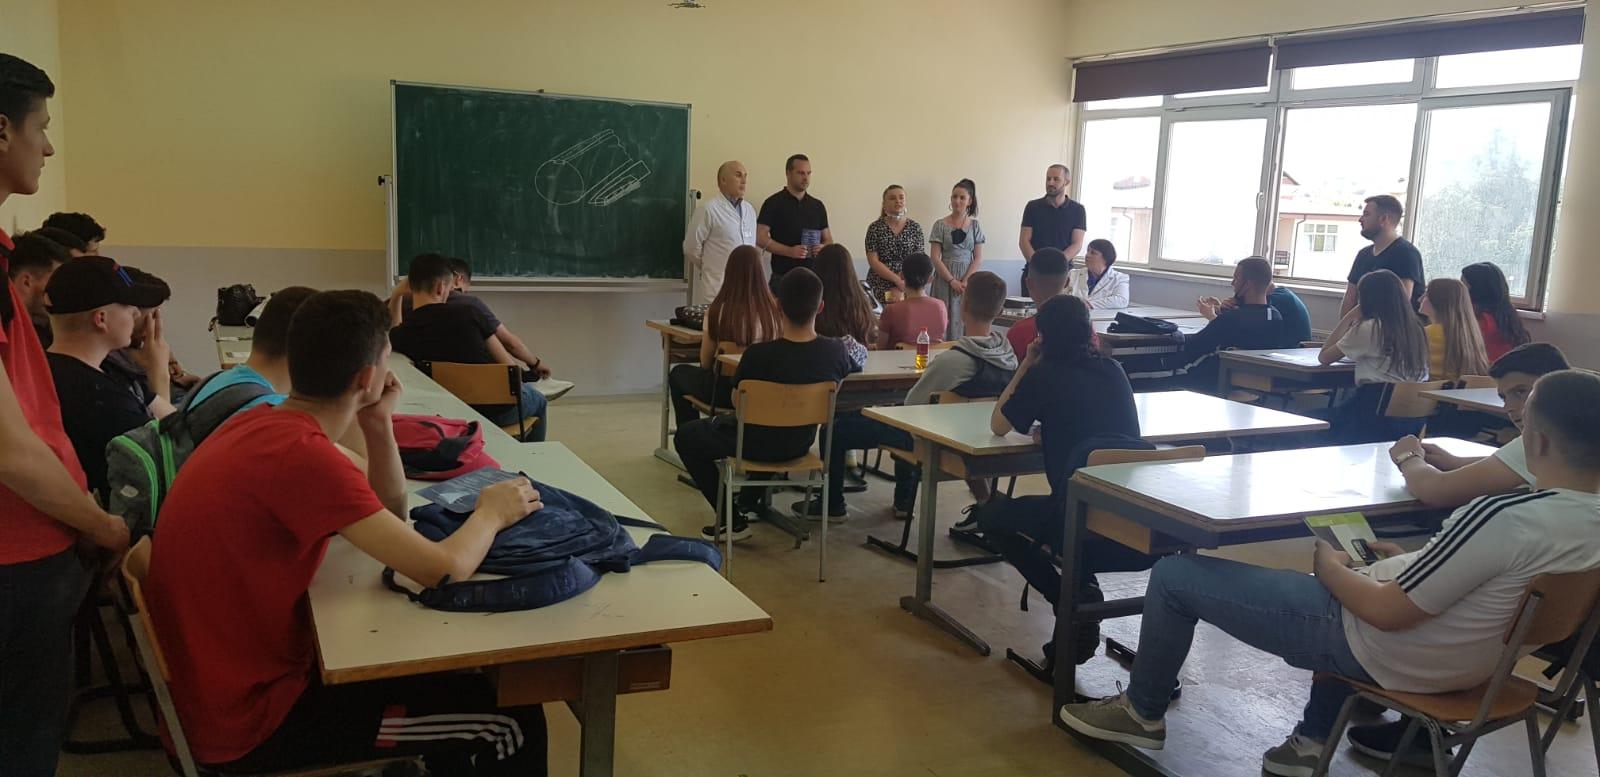 Nxënësit e Shkollës së Mesme Teknike njoftohen për programet e studimit të UIBM